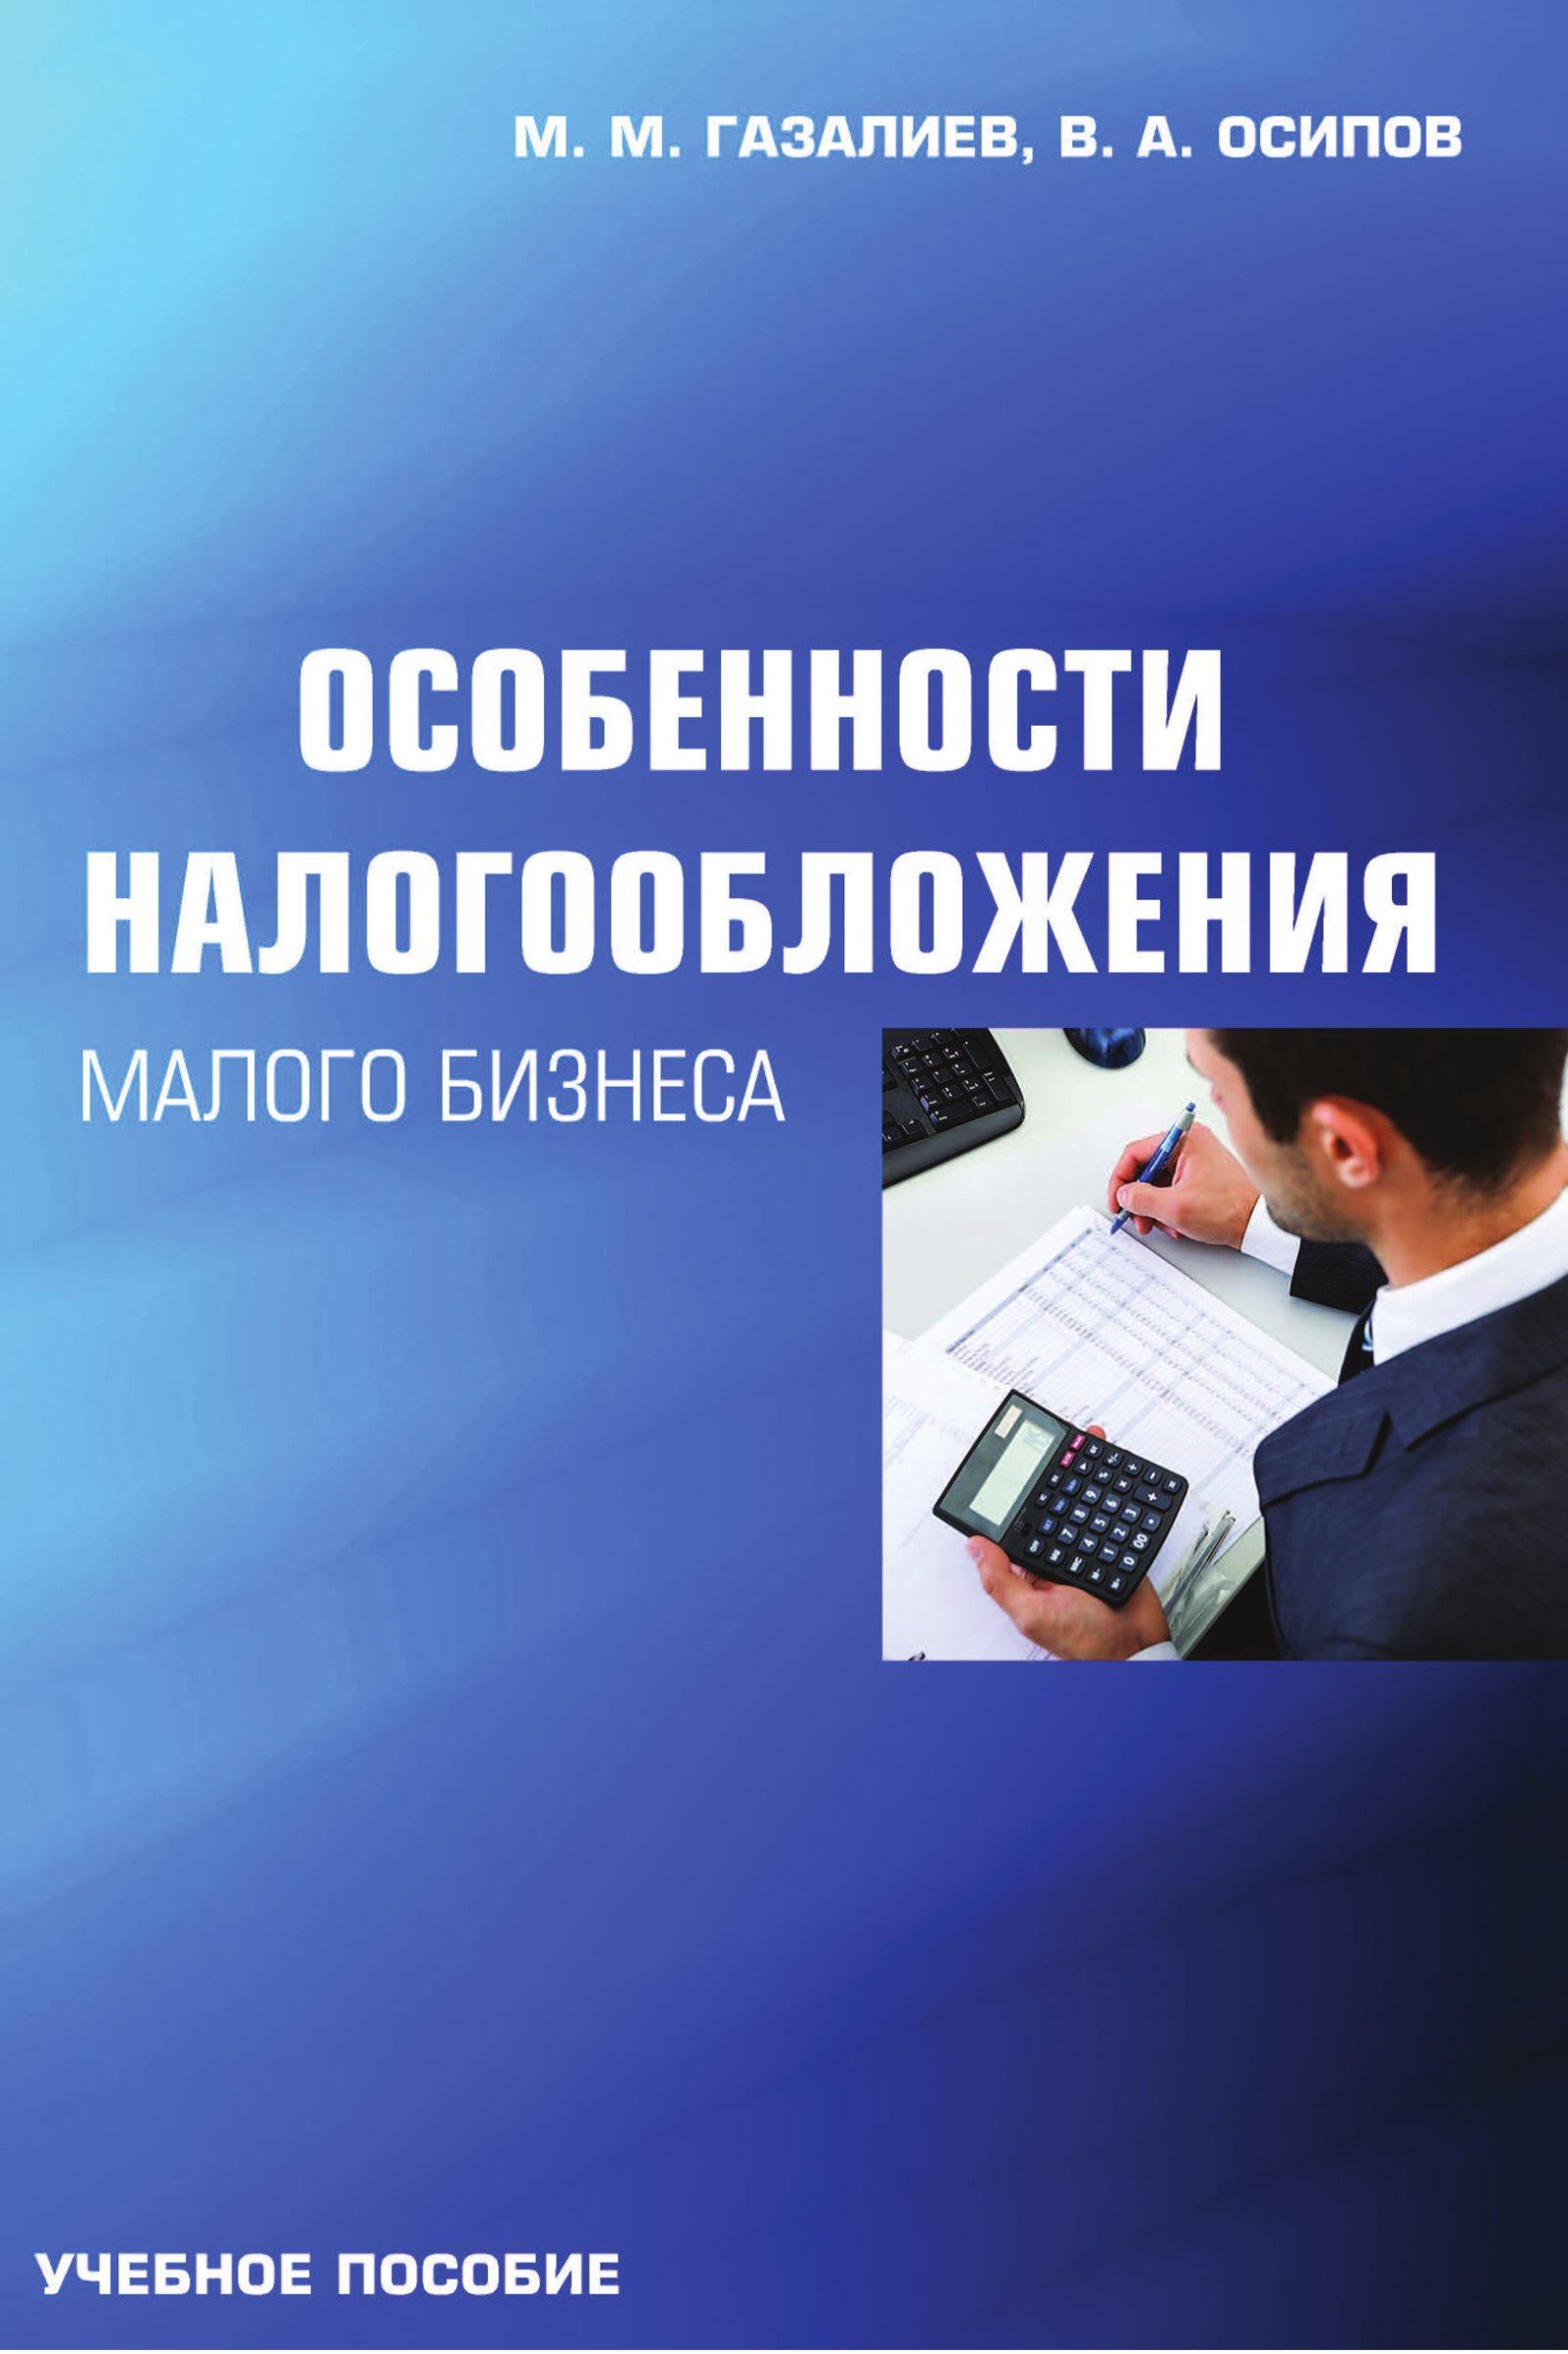 Малик Газалиев Особенности налогообложения малого бизнеса алексей пучков онлайн бухгалтерия для малого бизнеса алексей петров директор по продукту ооо мое дело